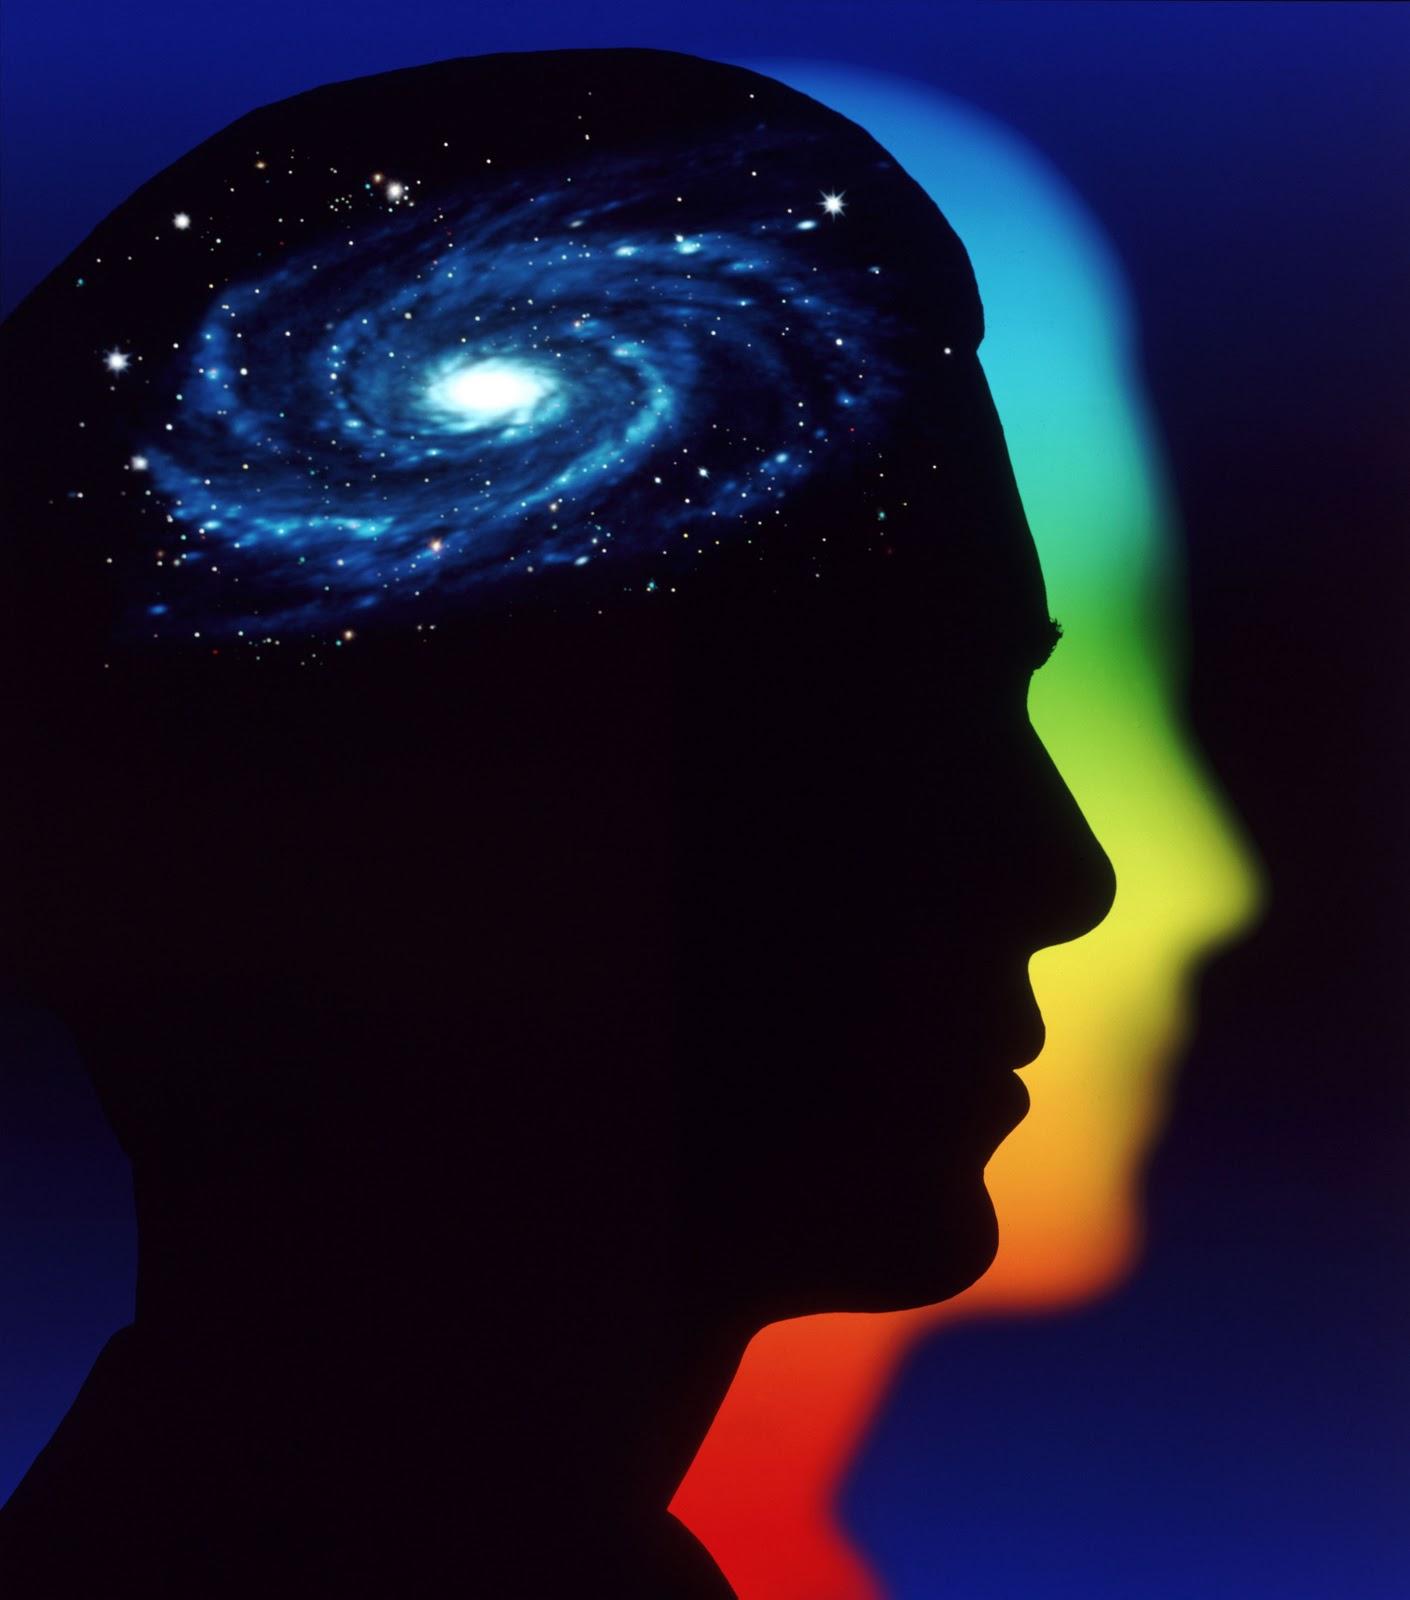 параметров фильмы с глубоким смыслом меняющие сознание философия жизни введением